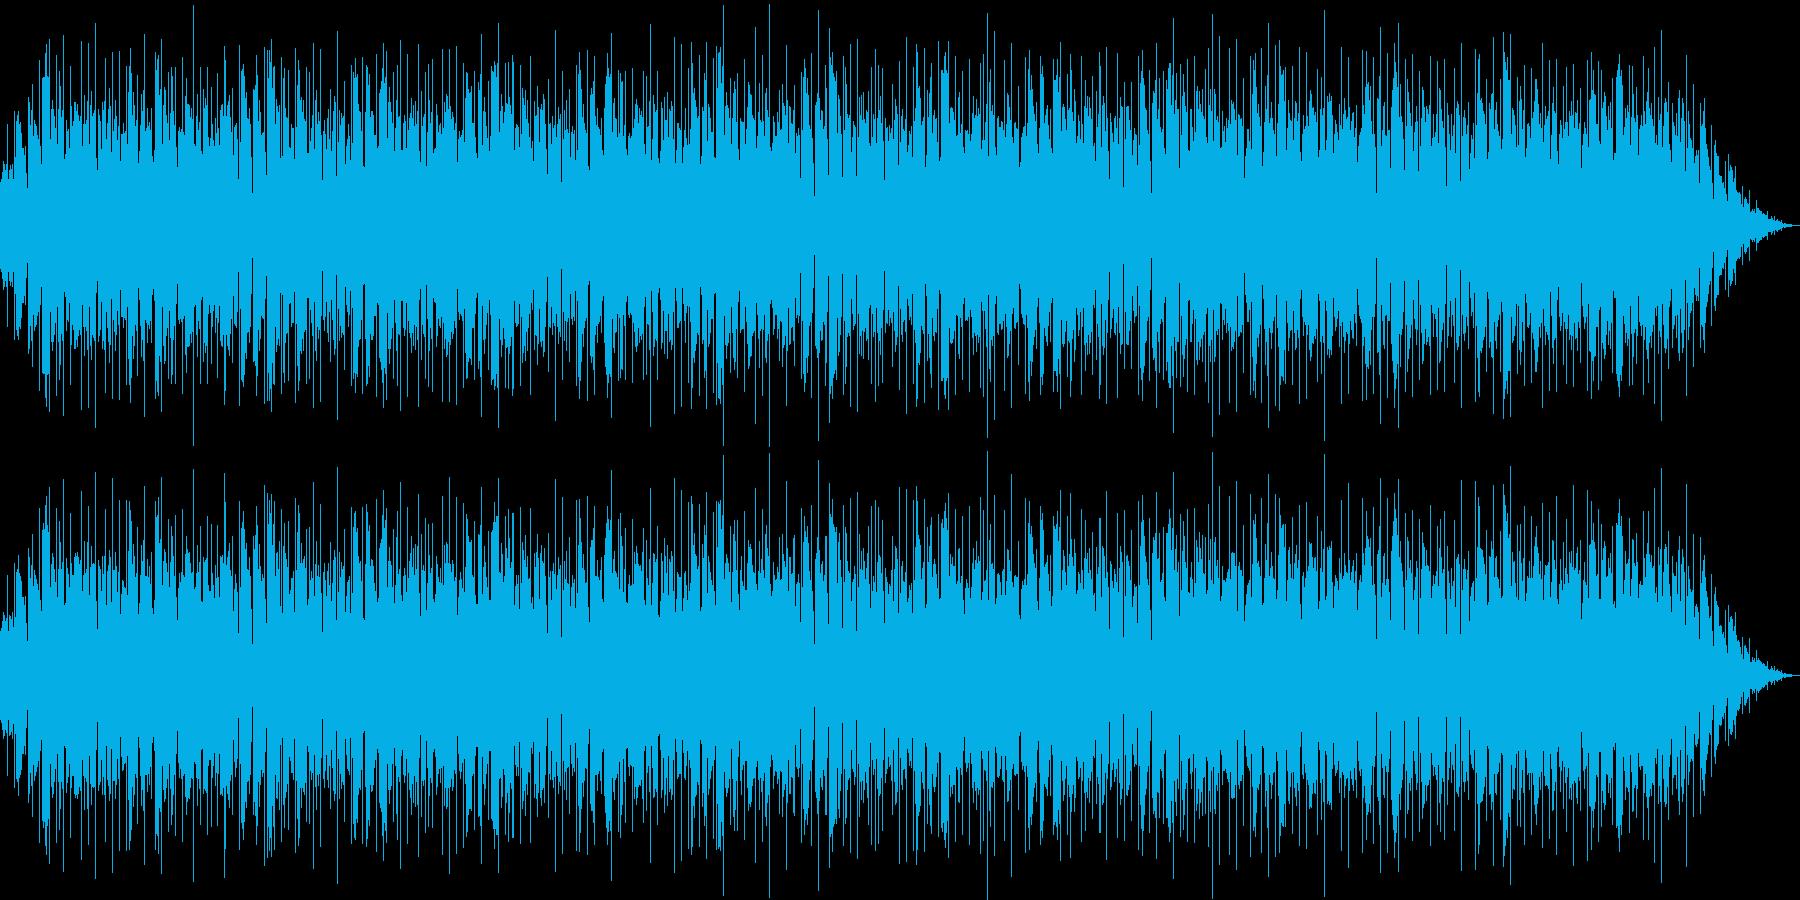 追跡、ニュースのBGMの再生済みの波形